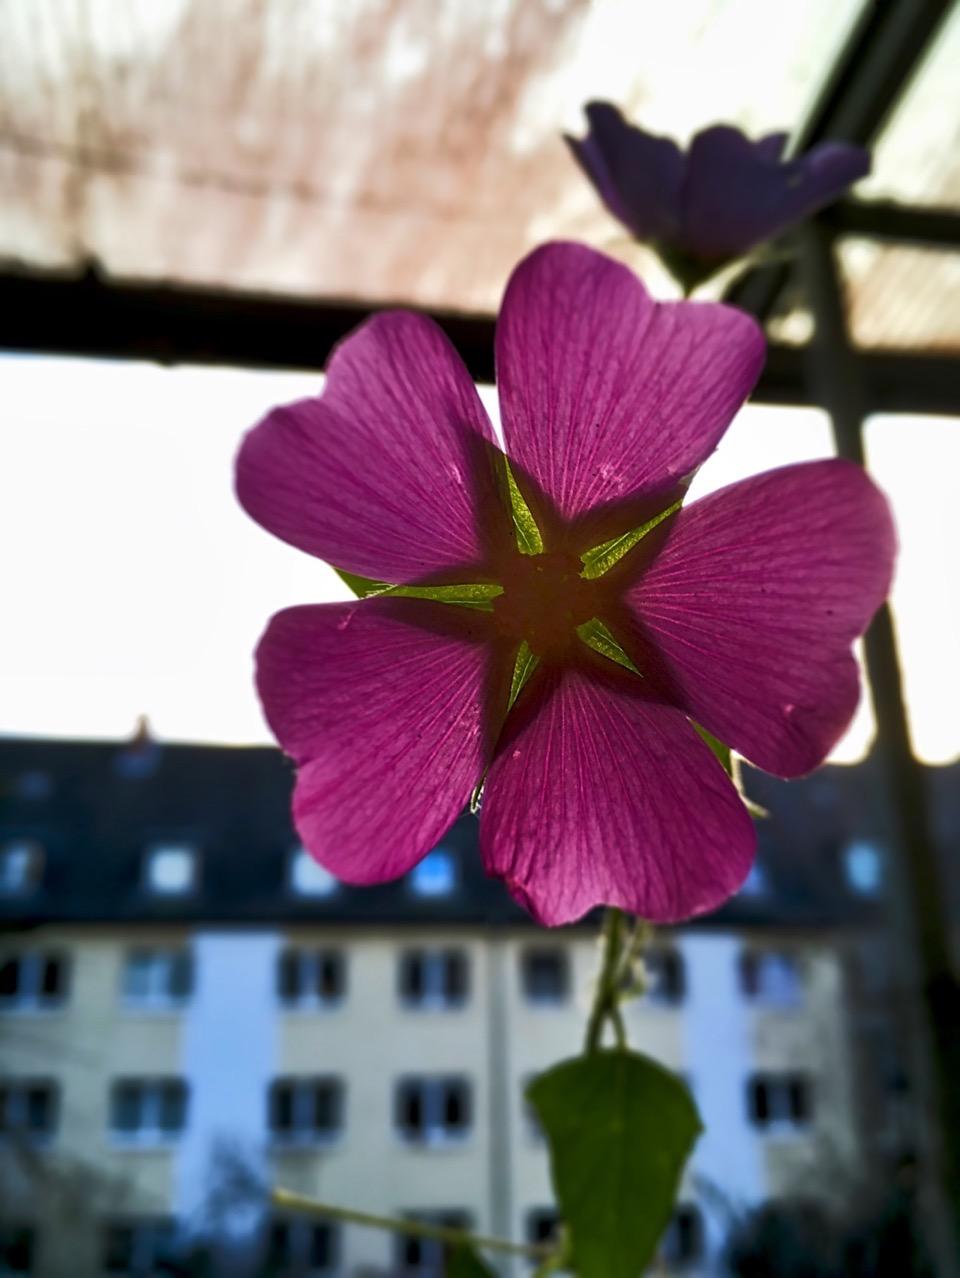 Eine rosa Malve nah, im Hintergrund unscharf ein Haus